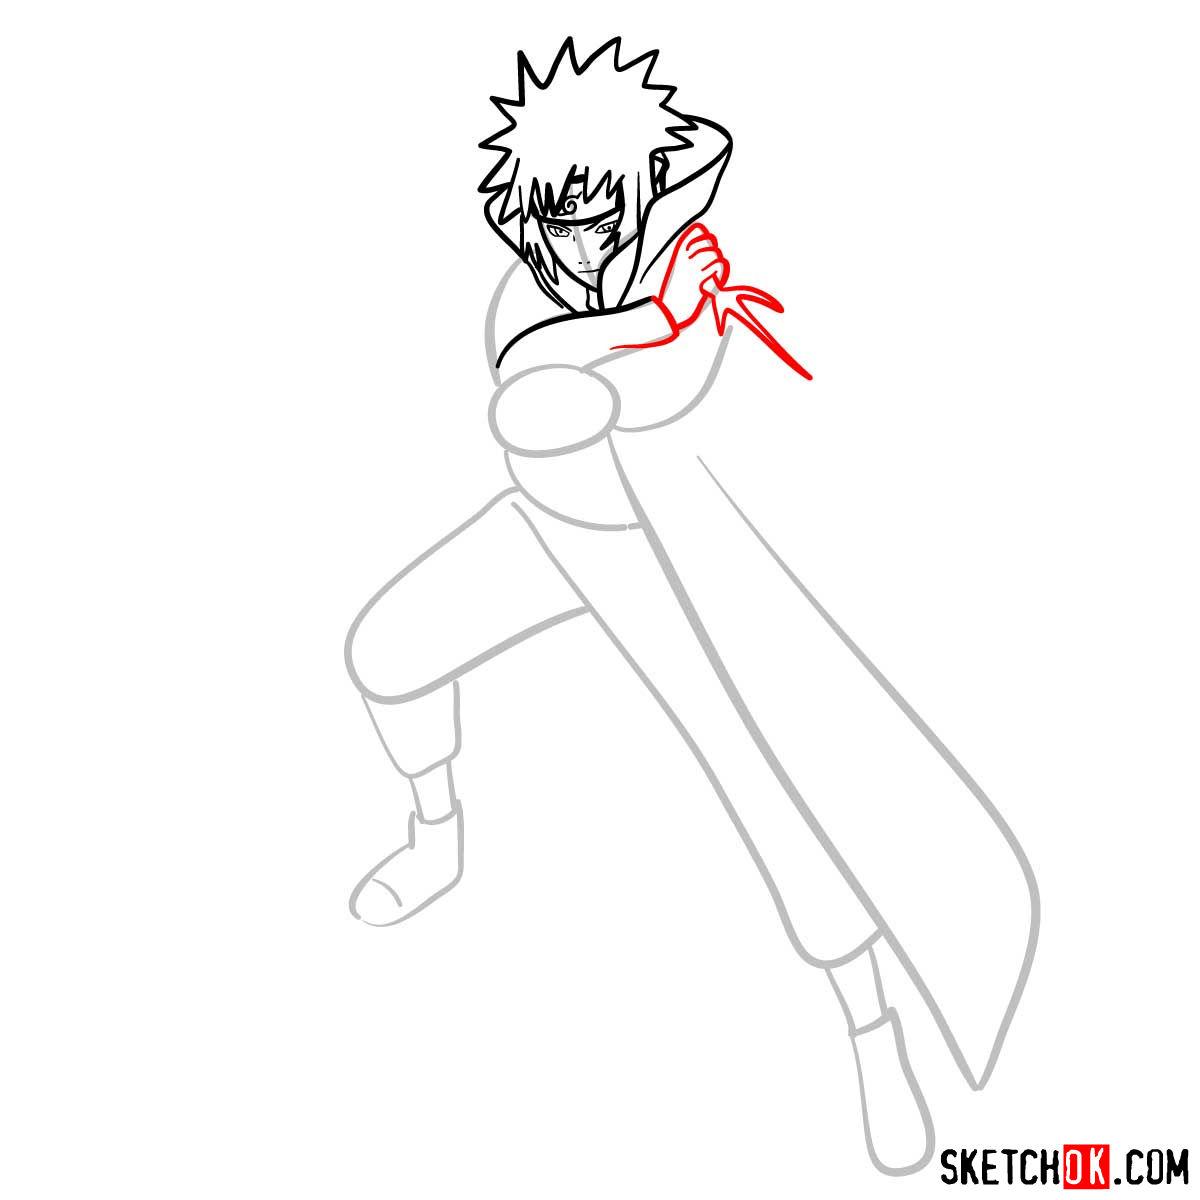 How to draw Minato Namikaze from Naruto anime - step 08